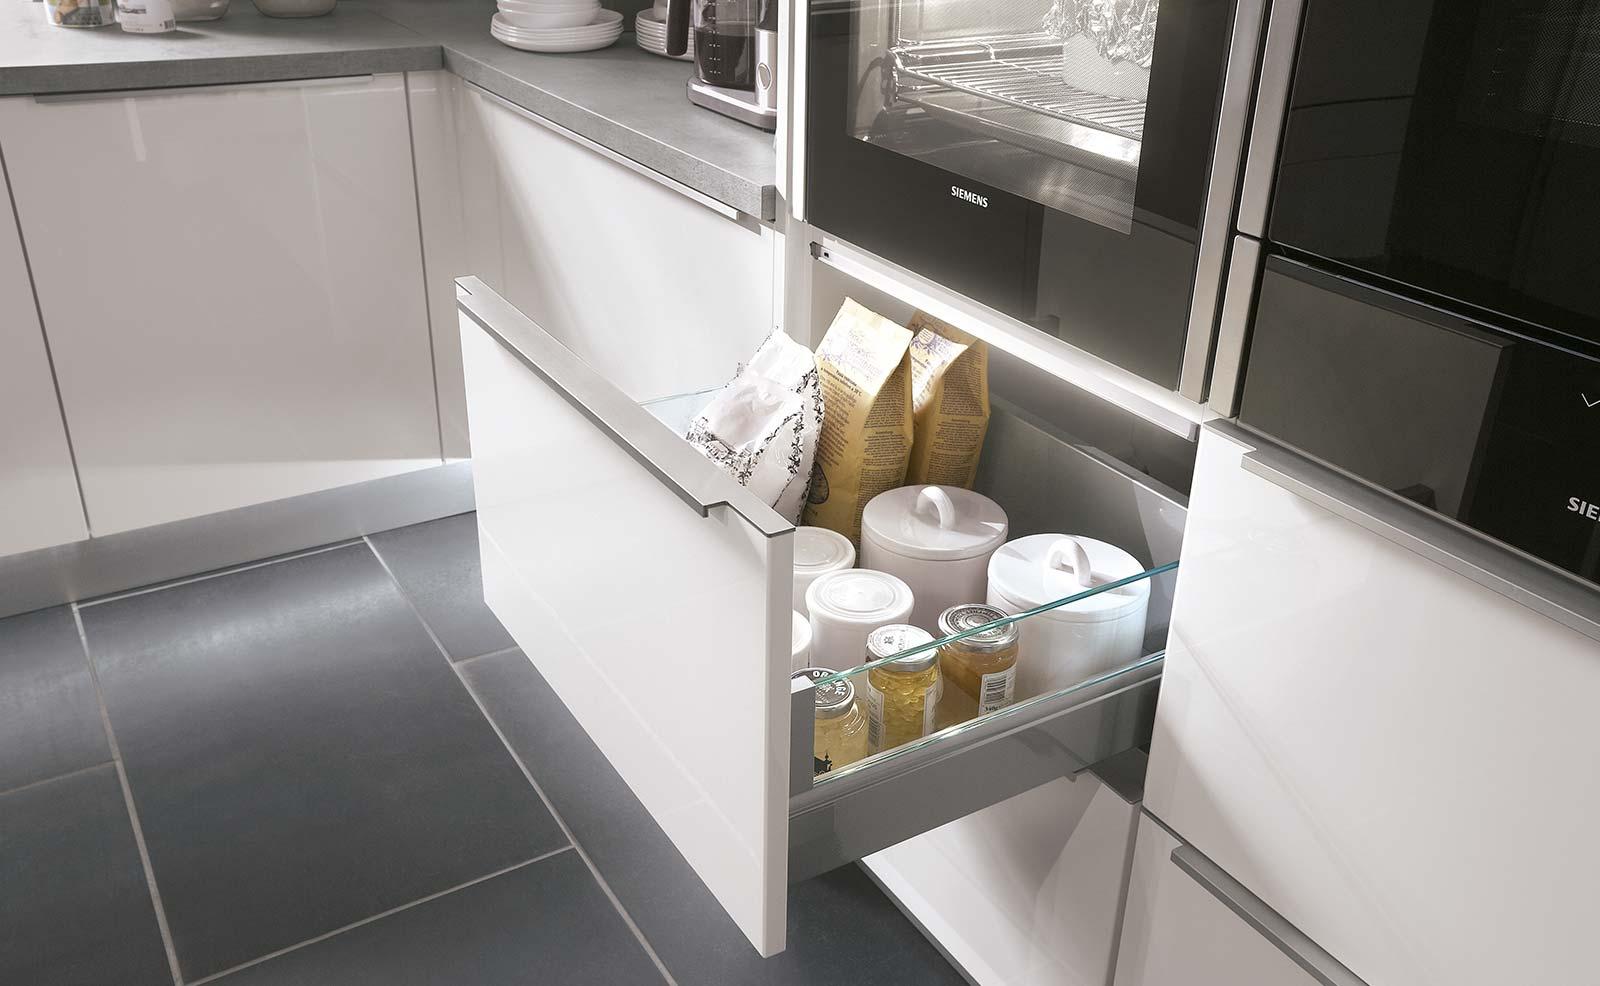 mobel voigt kuchen appetitlich foto blog f r sie. Black Bedroom Furniture Sets. Home Design Ideas